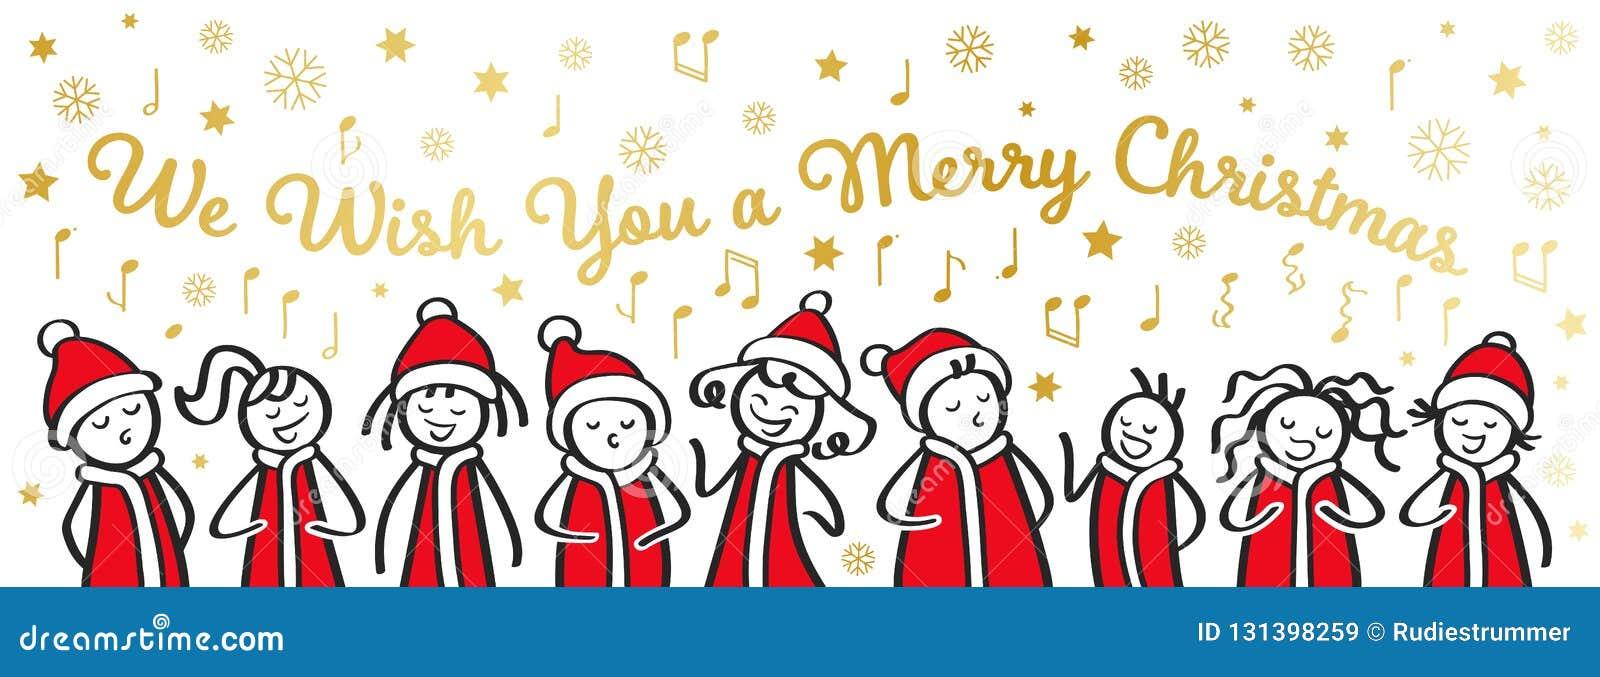 Lustige Weihnachten Bilder.Weihnachts Carol Sänger Chor Lustige Männer Und Frauen Wünschen